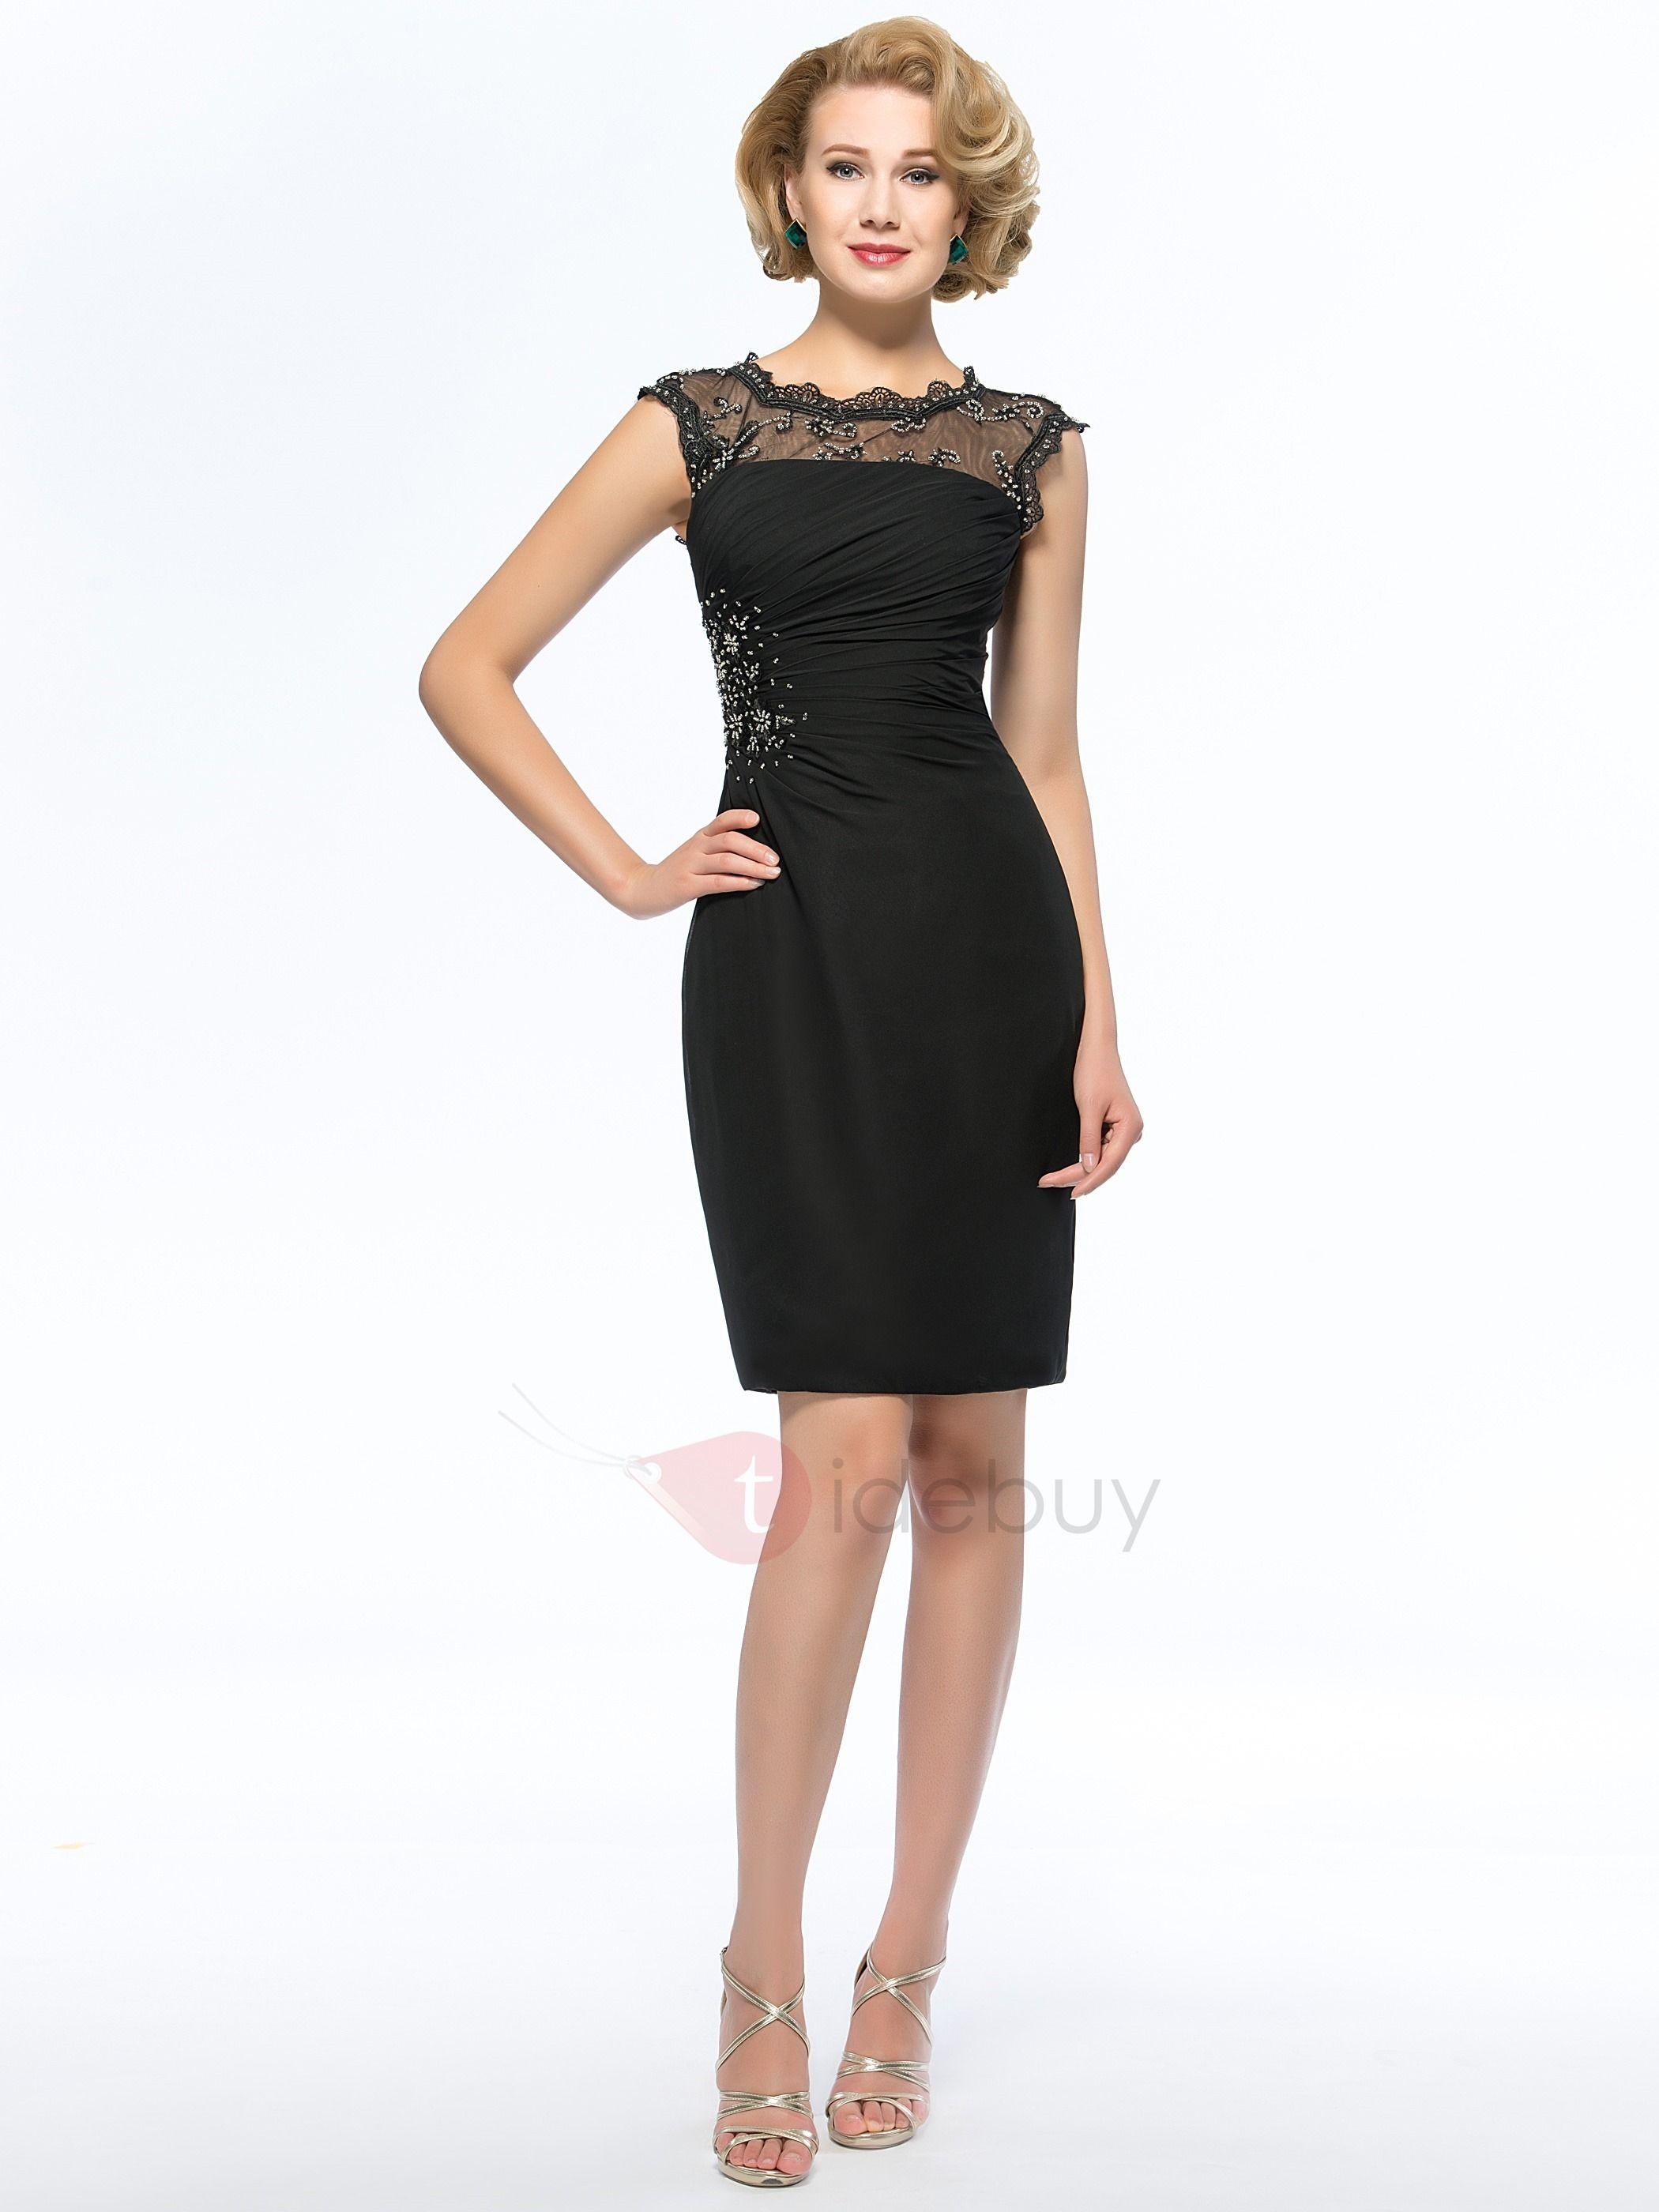 Sheer lace jewel neck short black mother of the bride dress black